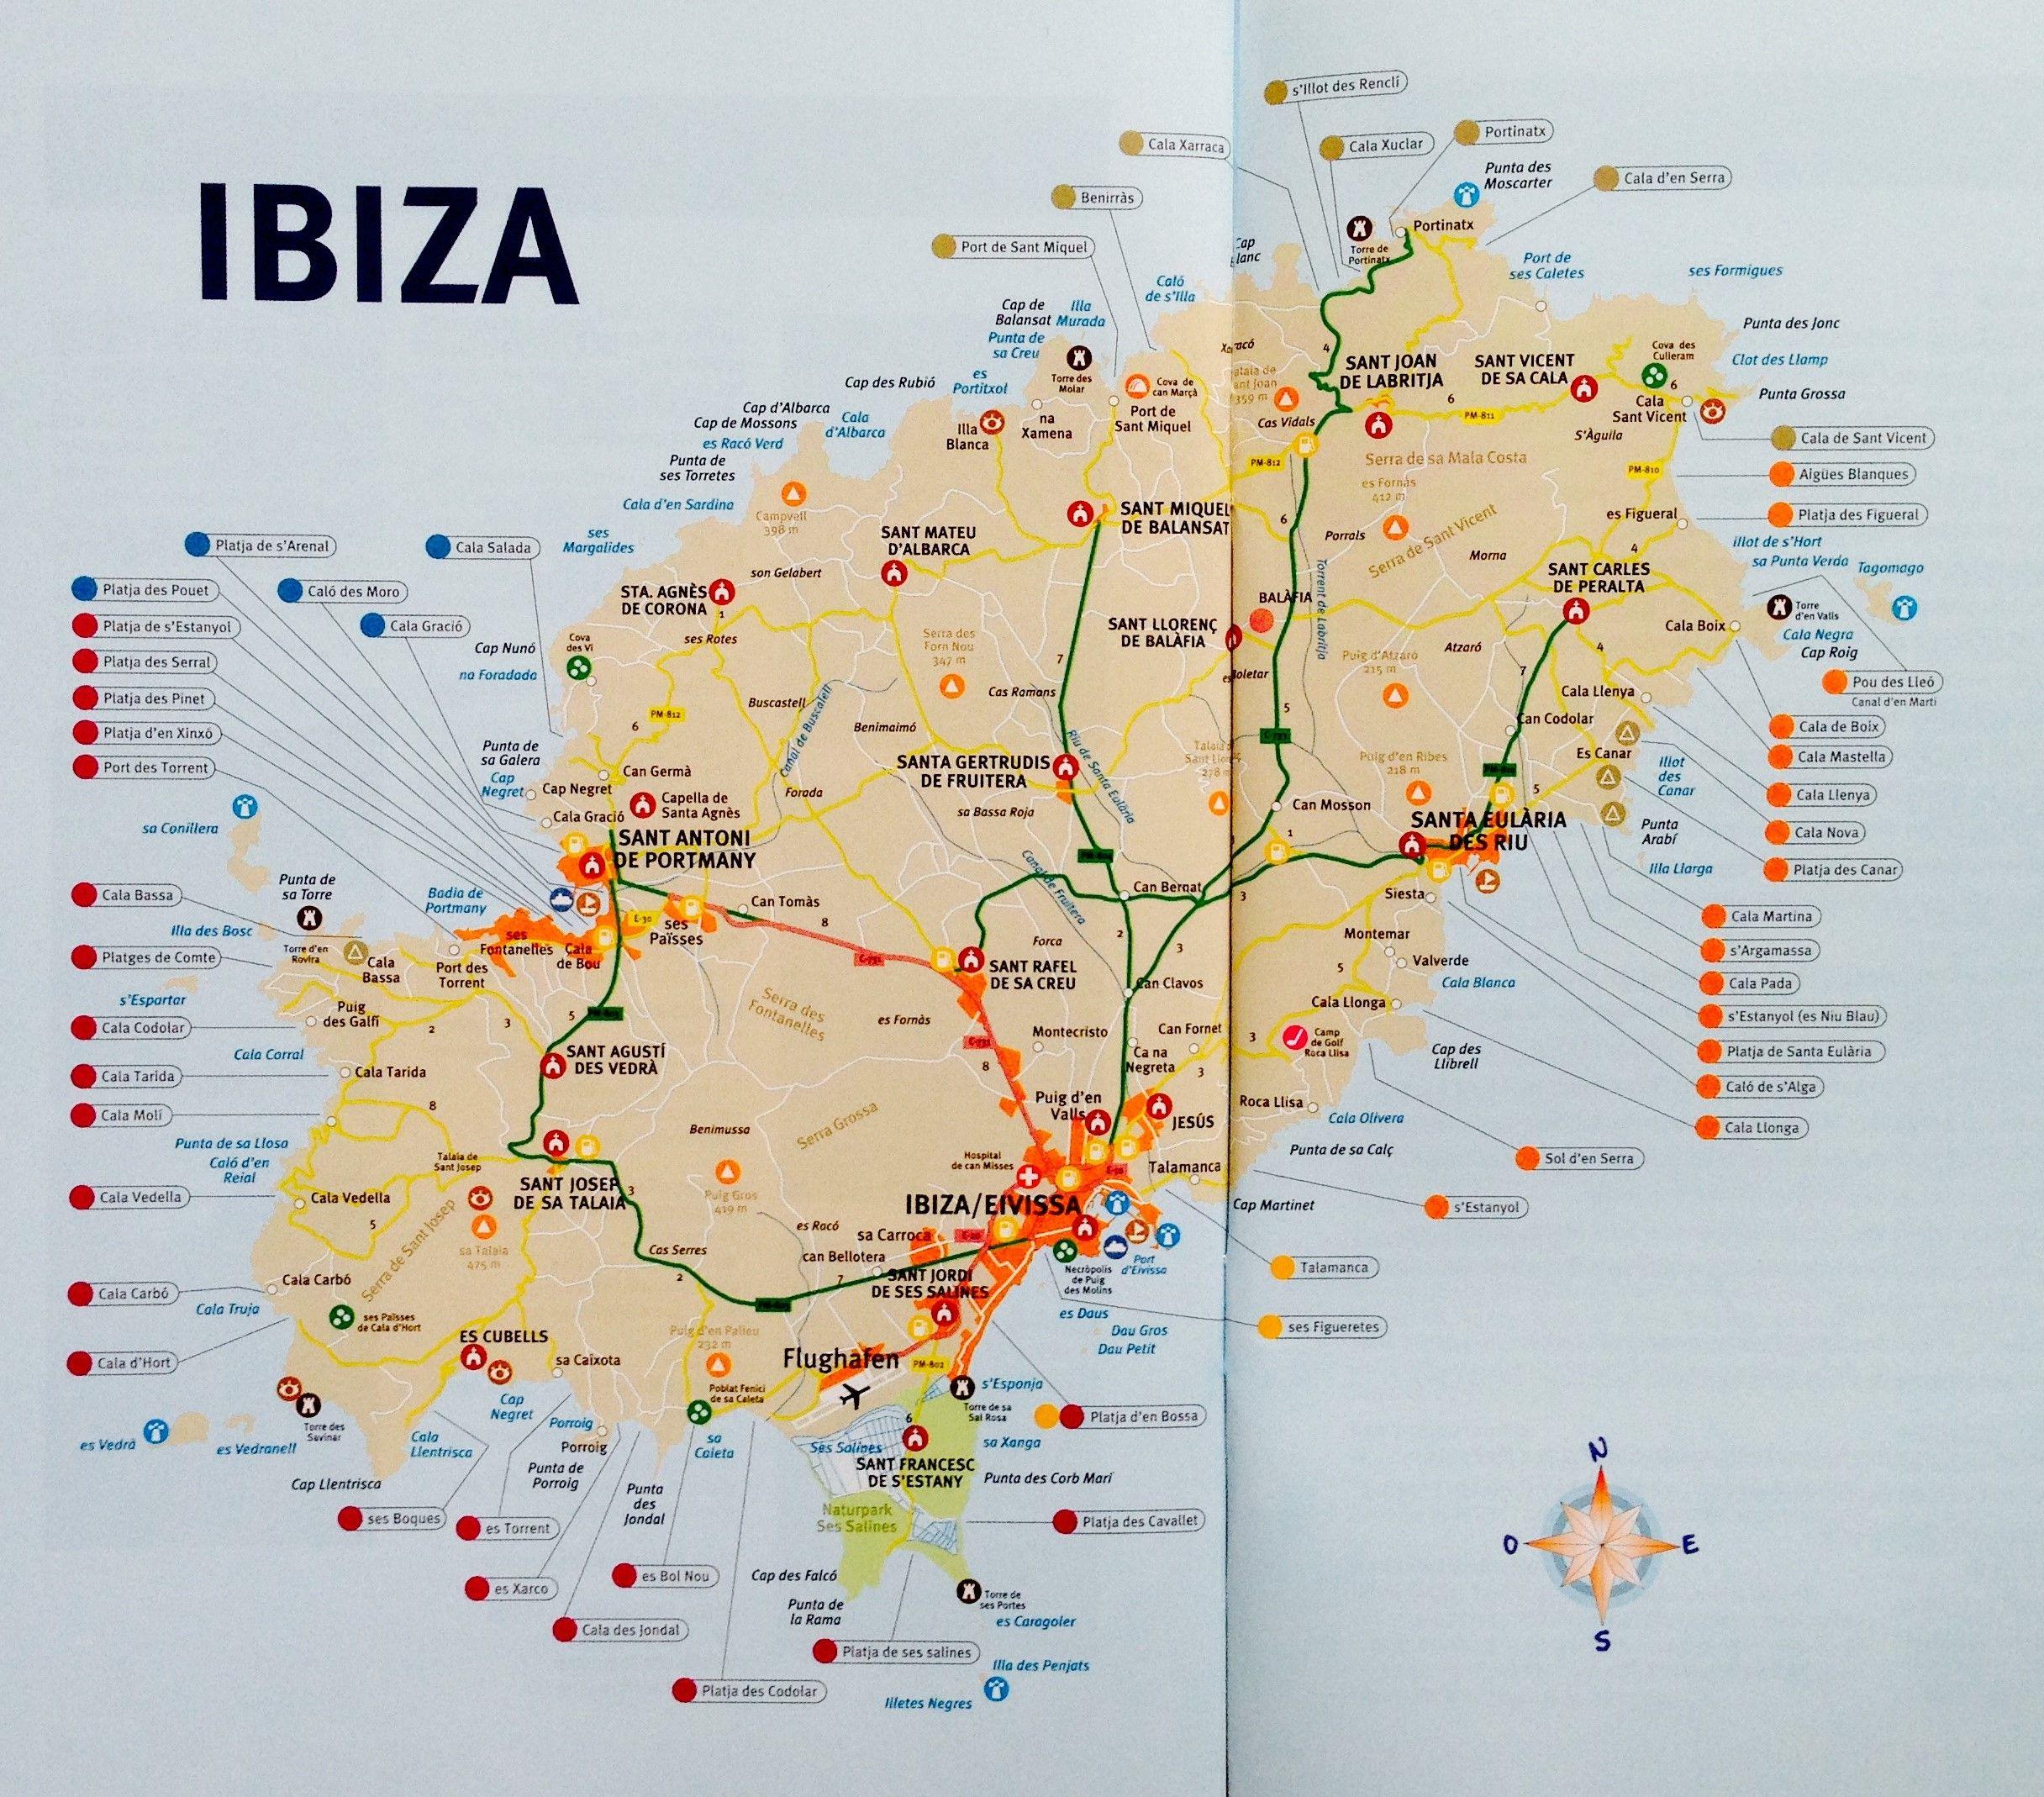 ibiza karte Ibiza Strände: Großer Überblick aller Strandtypen mit Karte